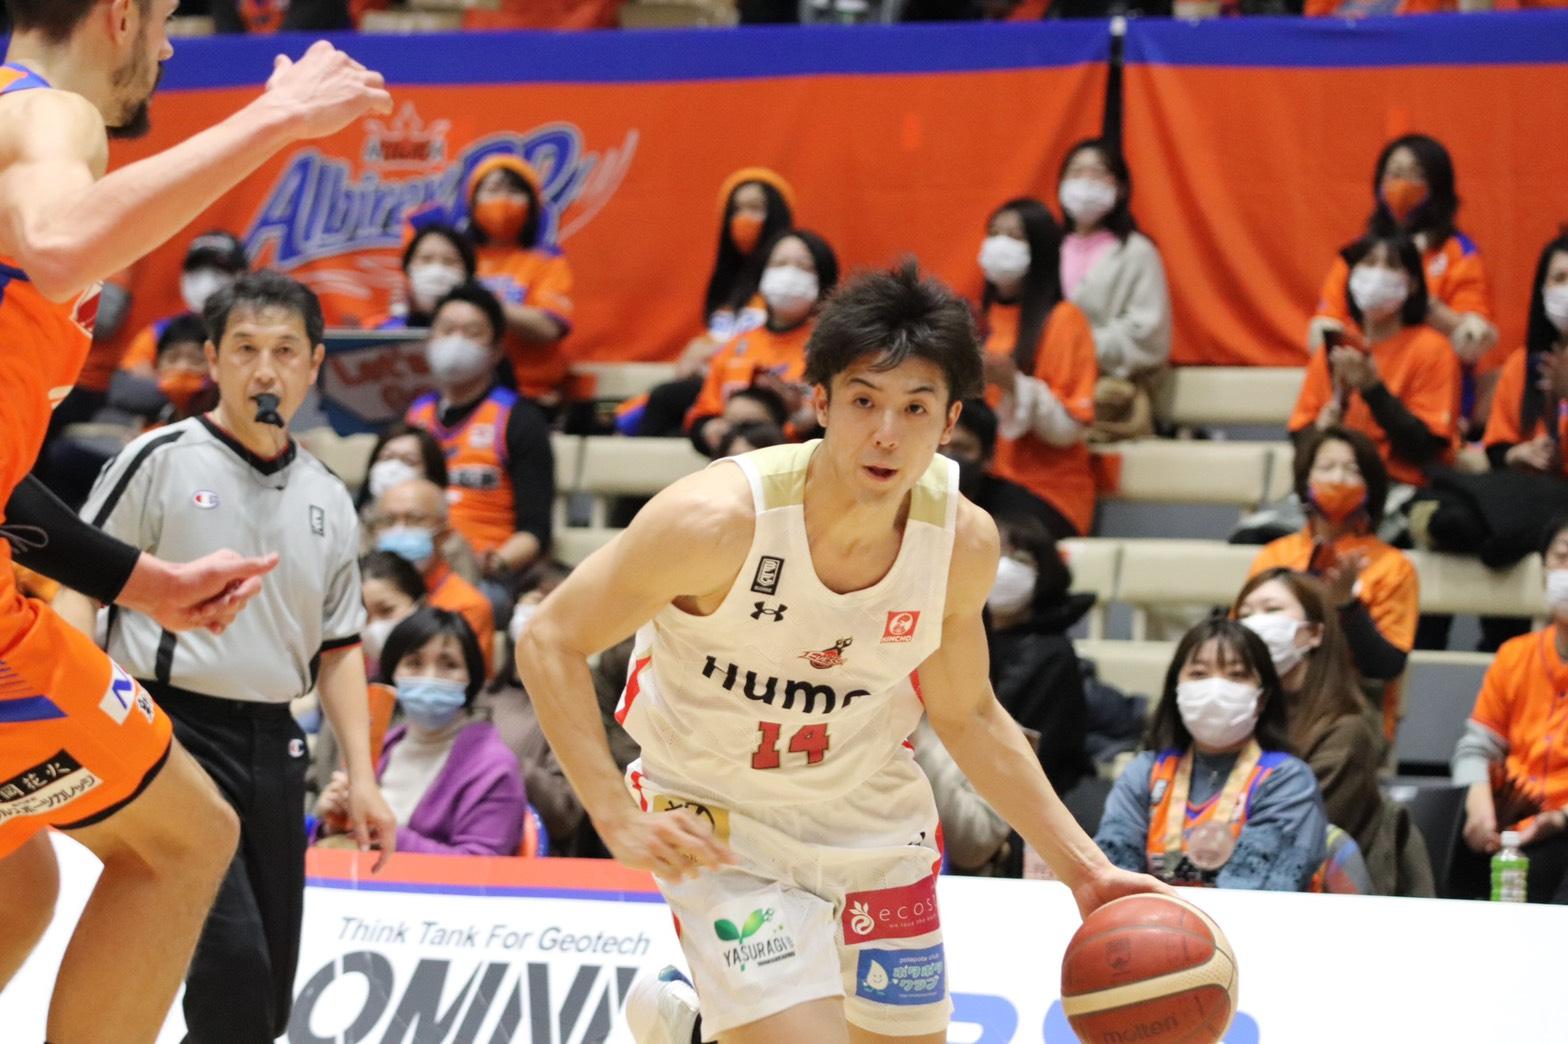 21得点を記録した大阪エヴェッサ・橋本拓哉©Basketball News 2for1